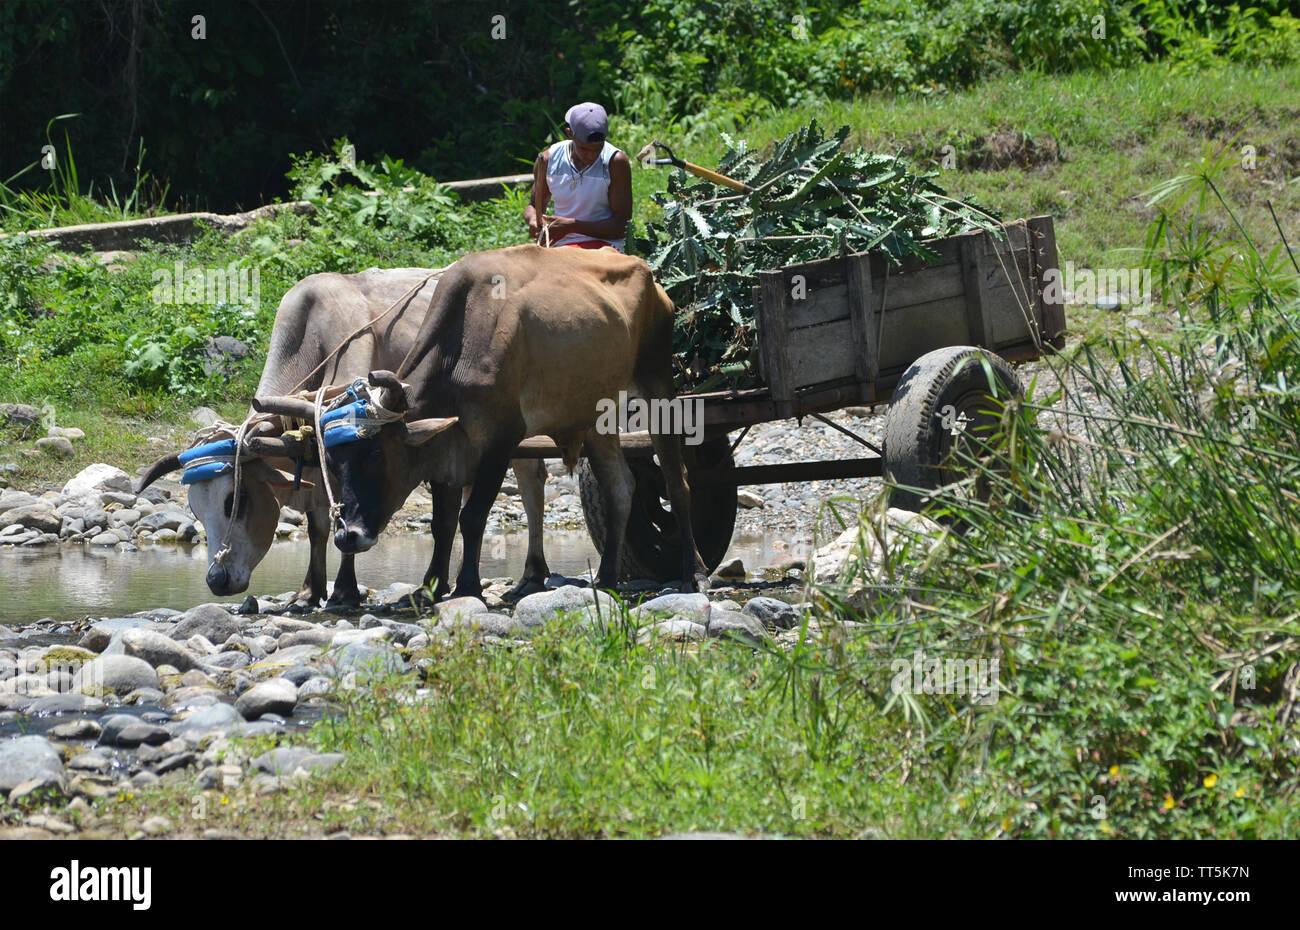 Eine Karre von Ochsen in Guisa Dorf gezogen (Provinz Granma, südlichen Kuba) Stockbild